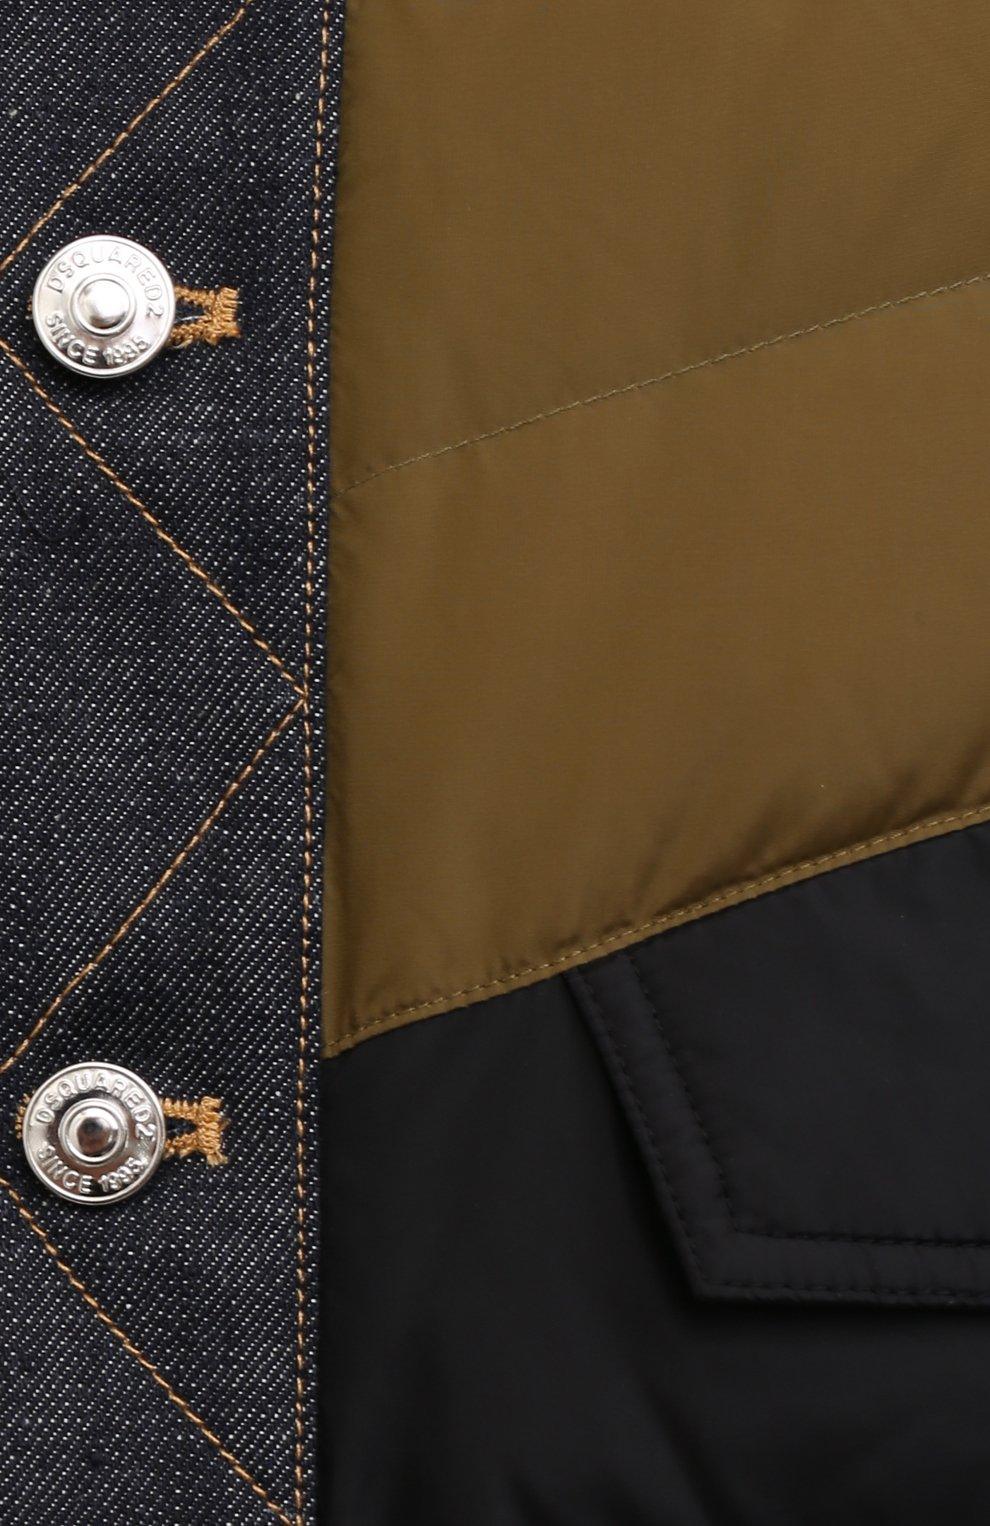 Мужская пуховая куртка DSQUARED2 темно-синего цвета, арт. S74AM1193/S53817   Фото 5 (Кросс-КТ: Куртка; Мужское Кросс-КТ: пуховик-короткий; Рукава: Длинные; Материал внешний: Синтетический материал; Стили: Гранж; Материал подклада: Синтетический материал; Длина (верхняя одежда): Короткие; Материал утеплителя: Пух и перо)